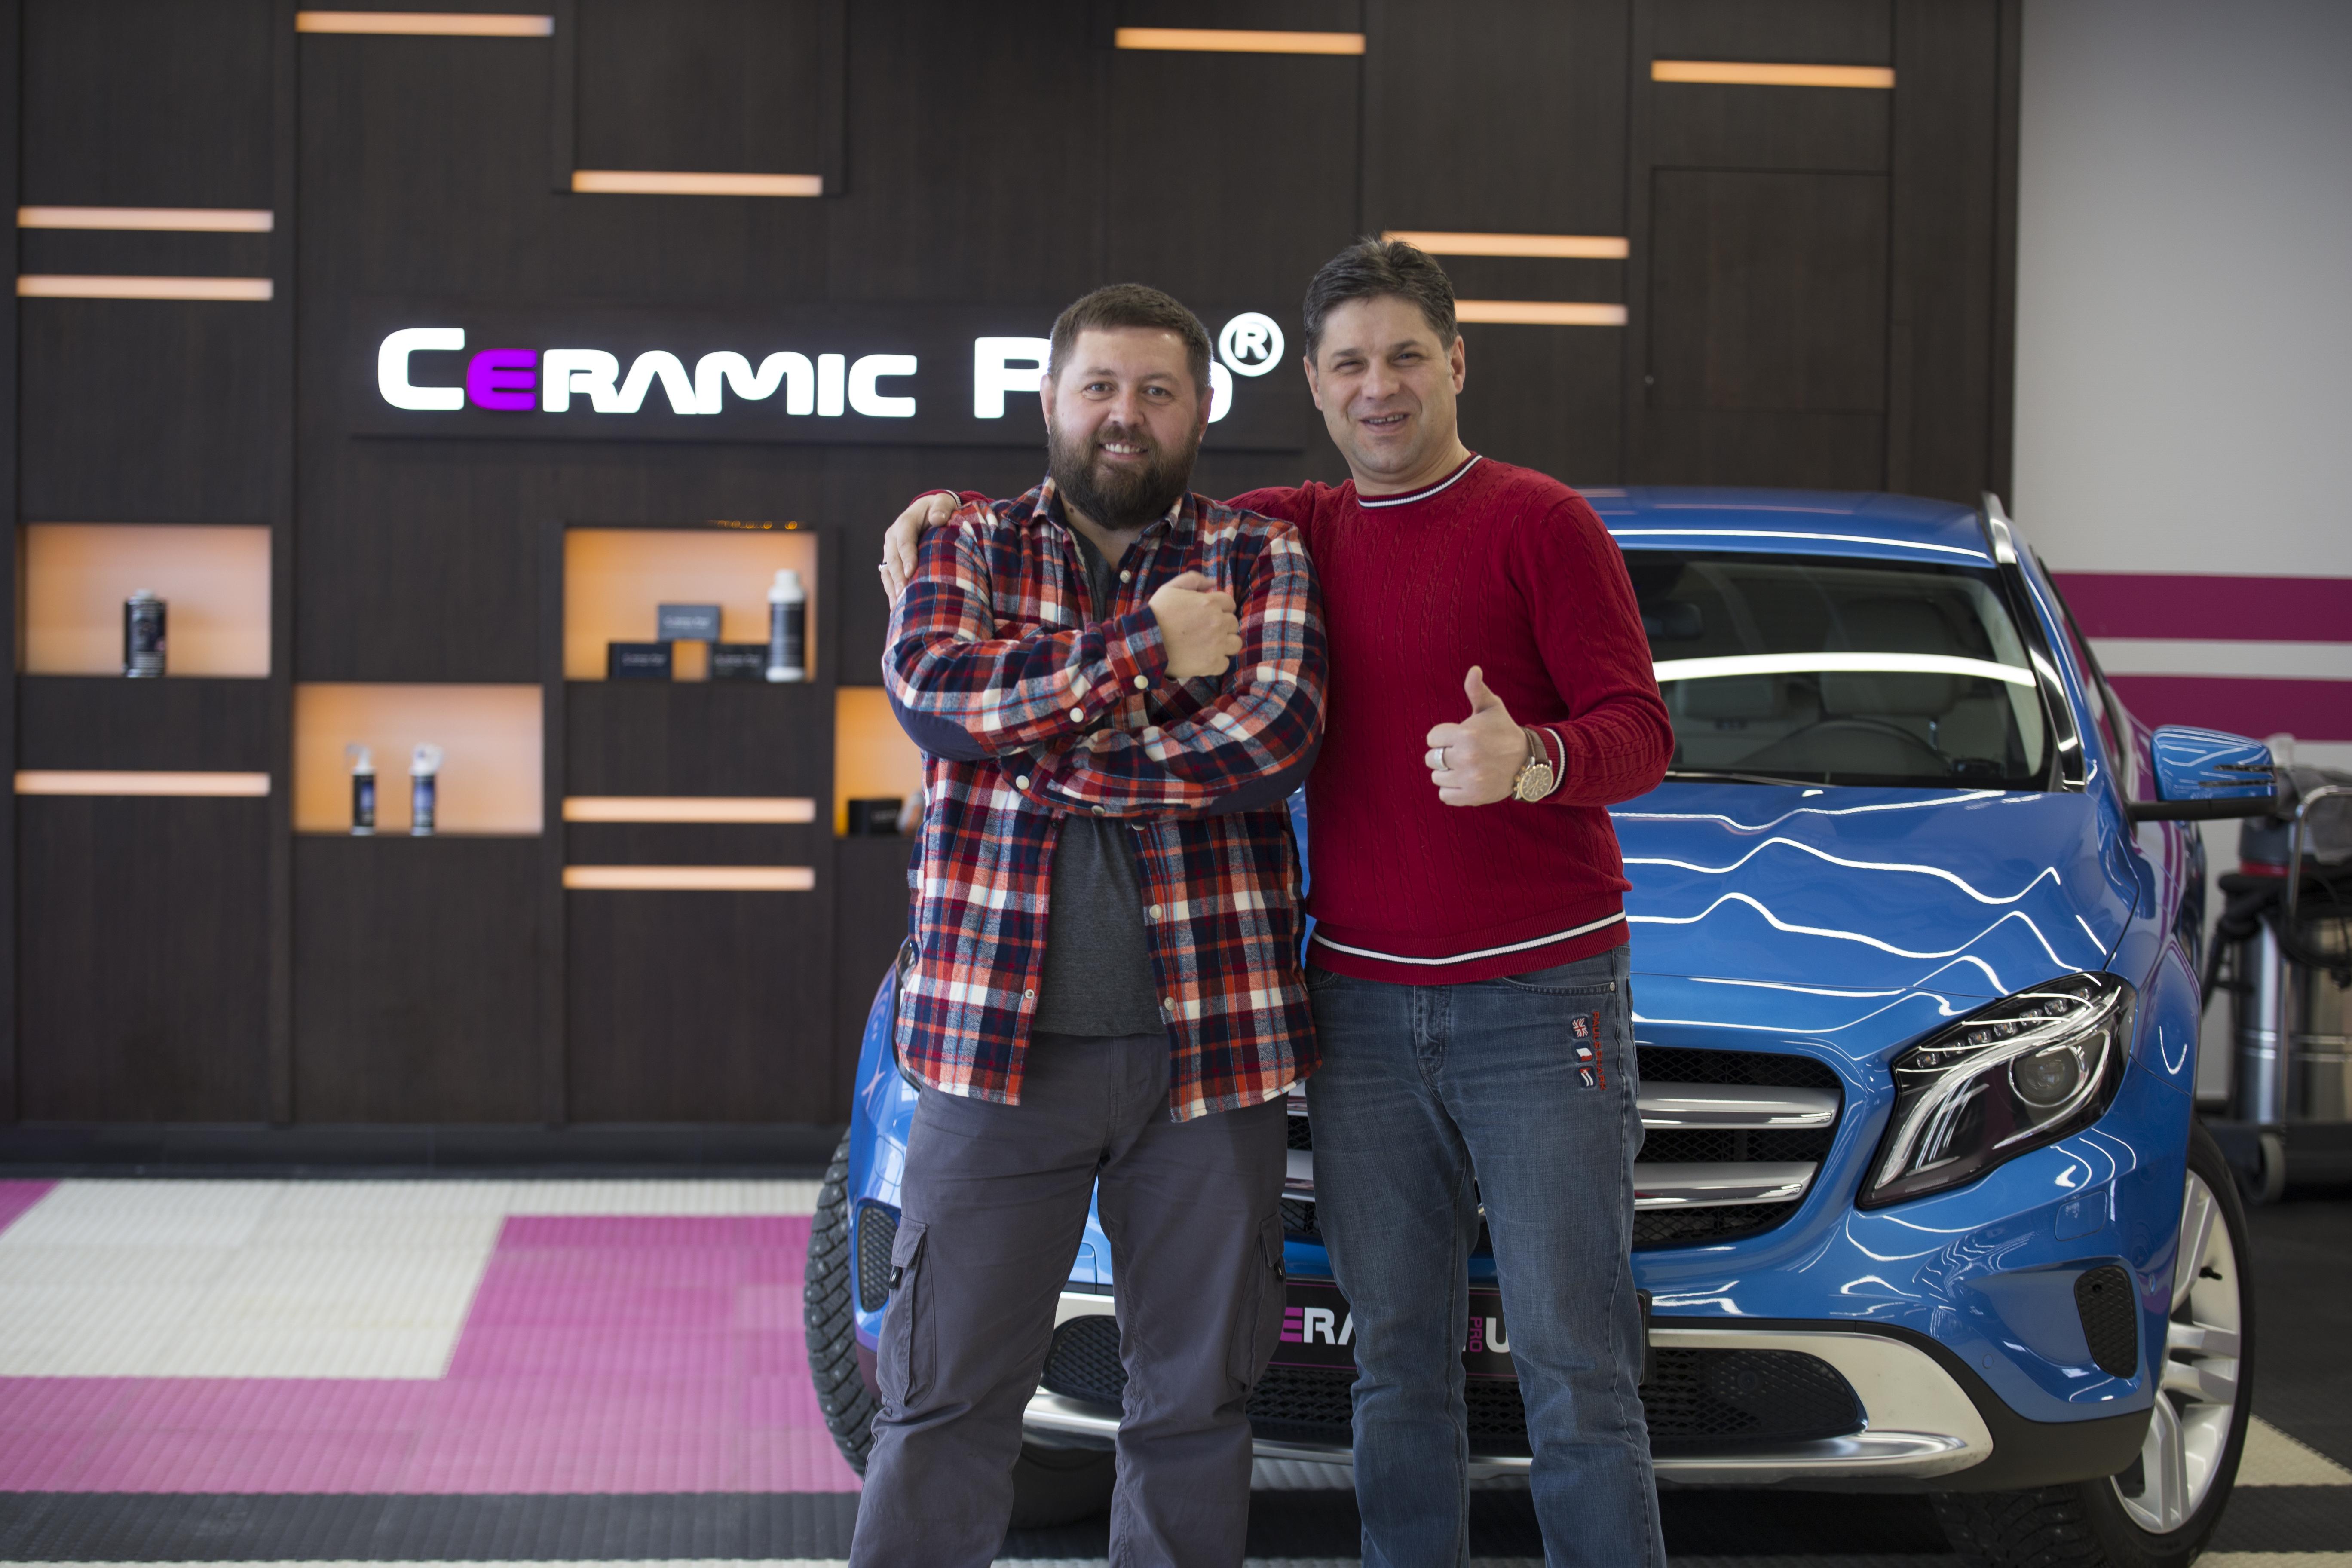 Борис Лебедев – директор авторизированного центра Ceramic Pro Ural в Екатеринбурге.